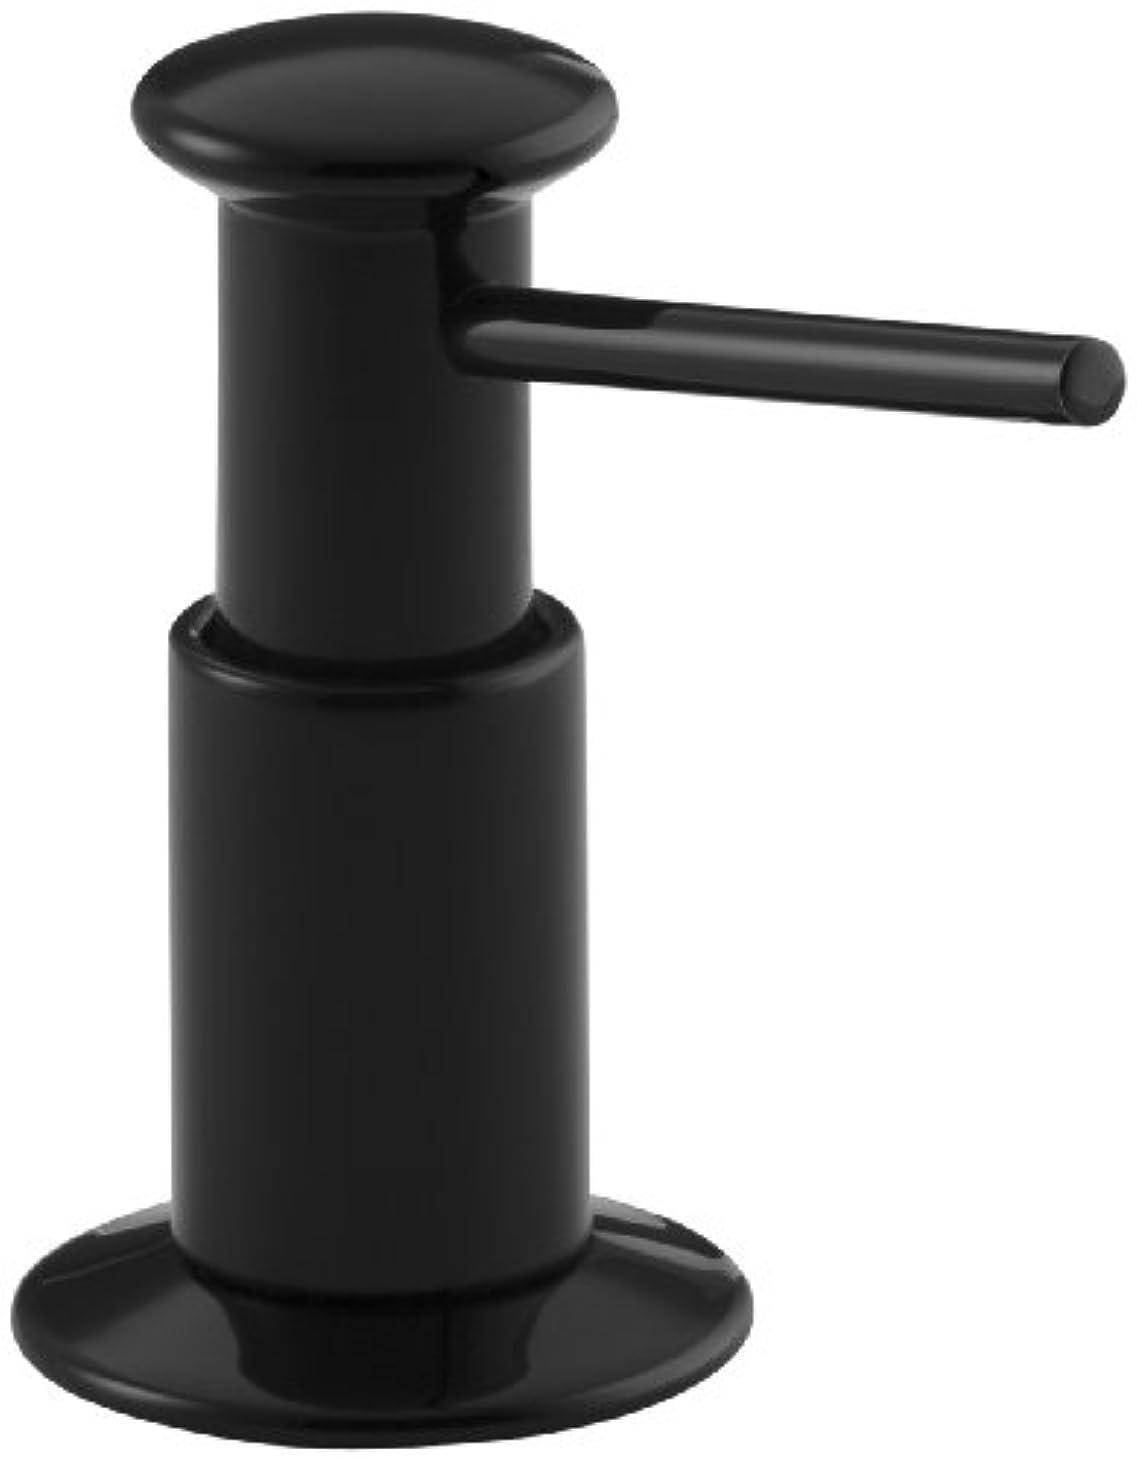 標準属する蒸気Kohler石鹸/ローションディスペンサー K-9619-7 1